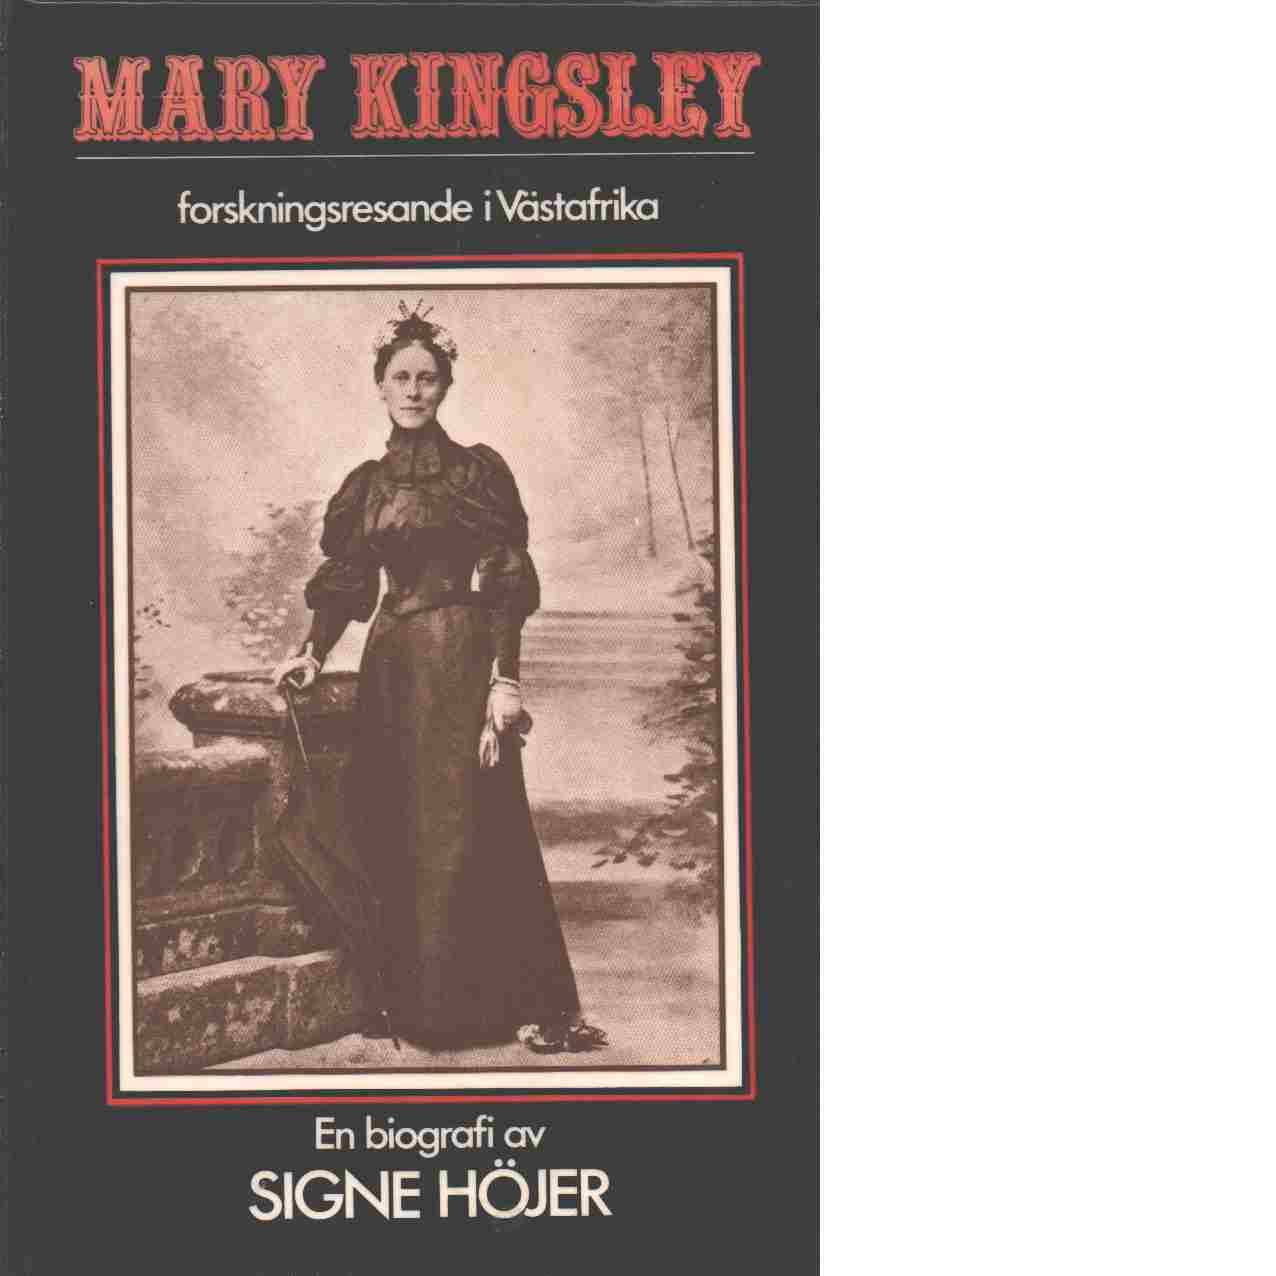 Mary Kingsley, forskningsresande i Västafrika - Höjer, Signe